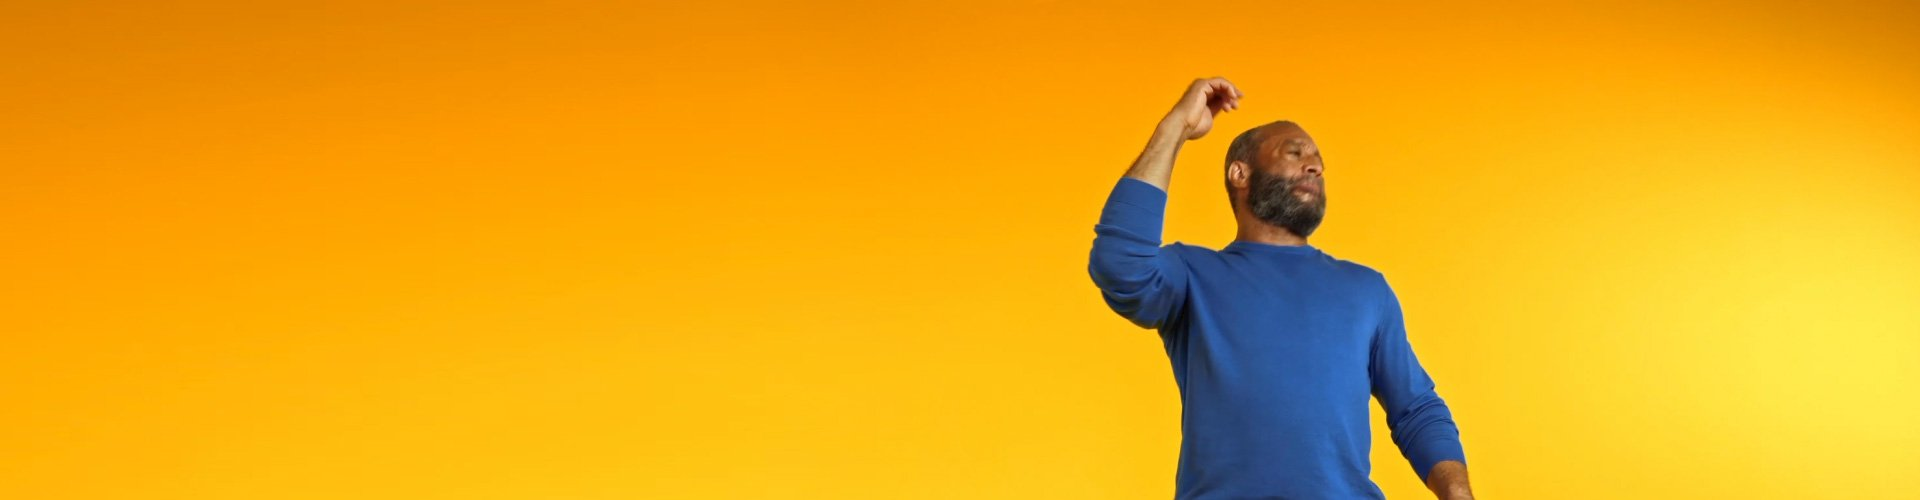 Mann trägt Philips HearLink und freut sich darüber, dass er mit den Hörgeräten wieder Musik hören kann.